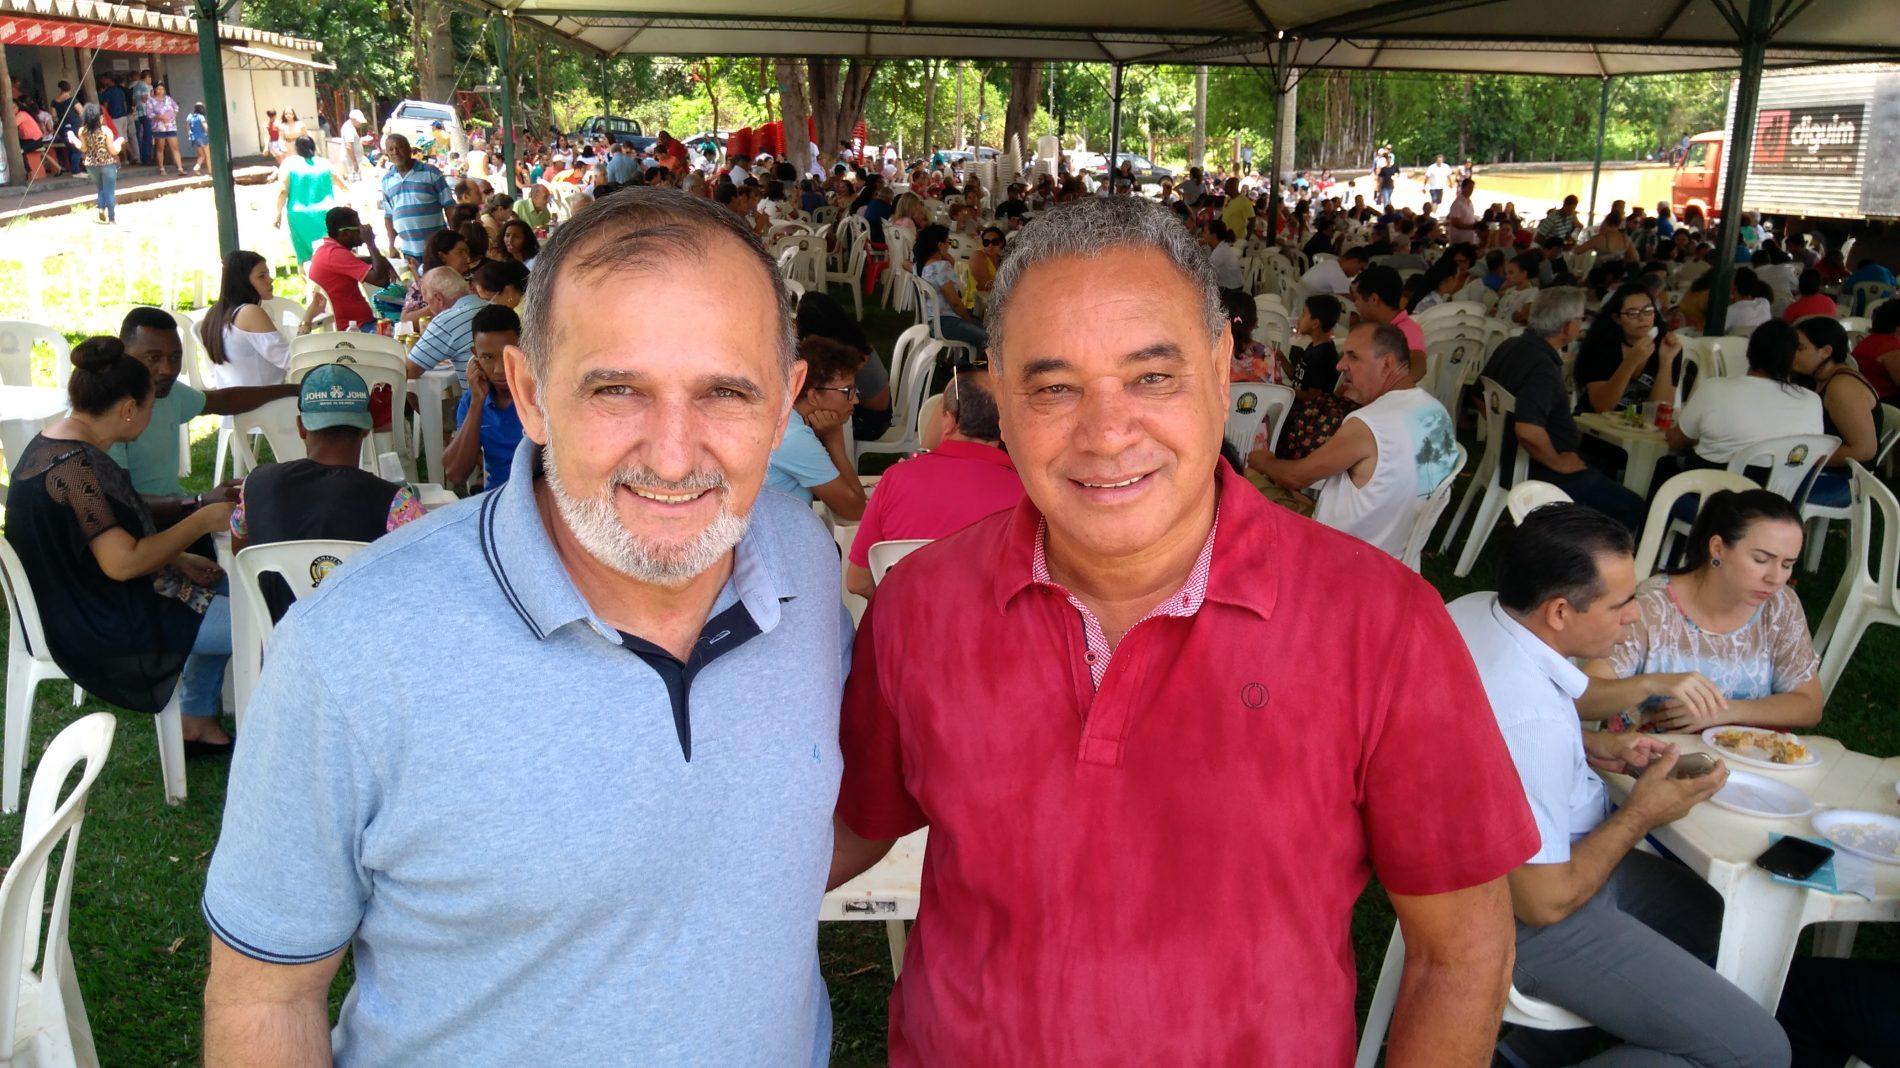 Dia do Servidor Público: Sindicato dos Servidores Públicos Municipais de Barretos realizou grande evento em comemoração